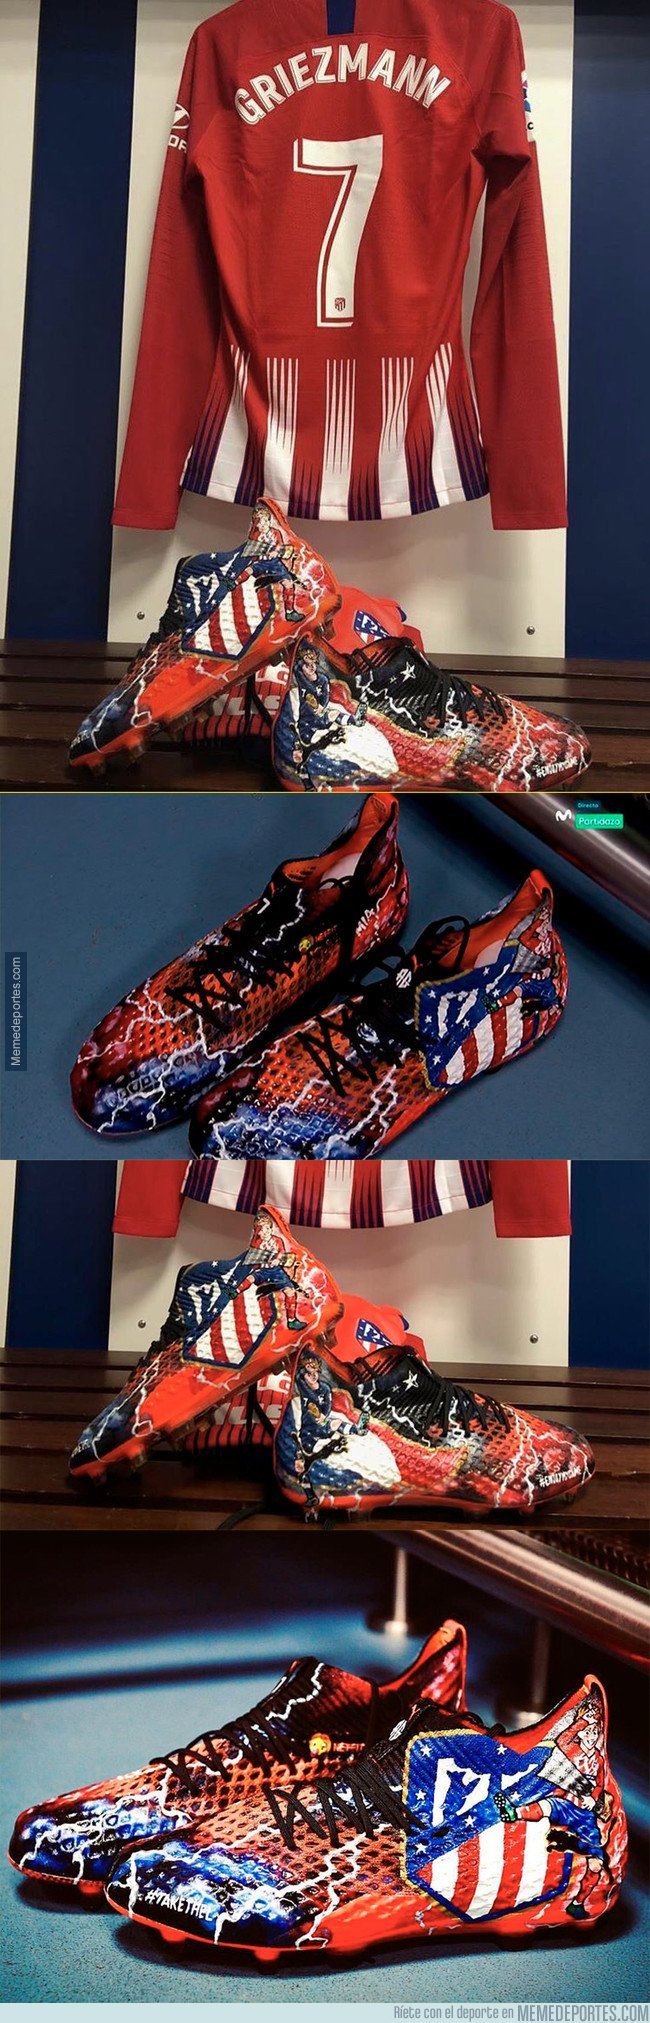 1051828 - Las nuevas botas con las que está jugando Griezmann en el Bernabéu que amarán los jugadores del Fortnite